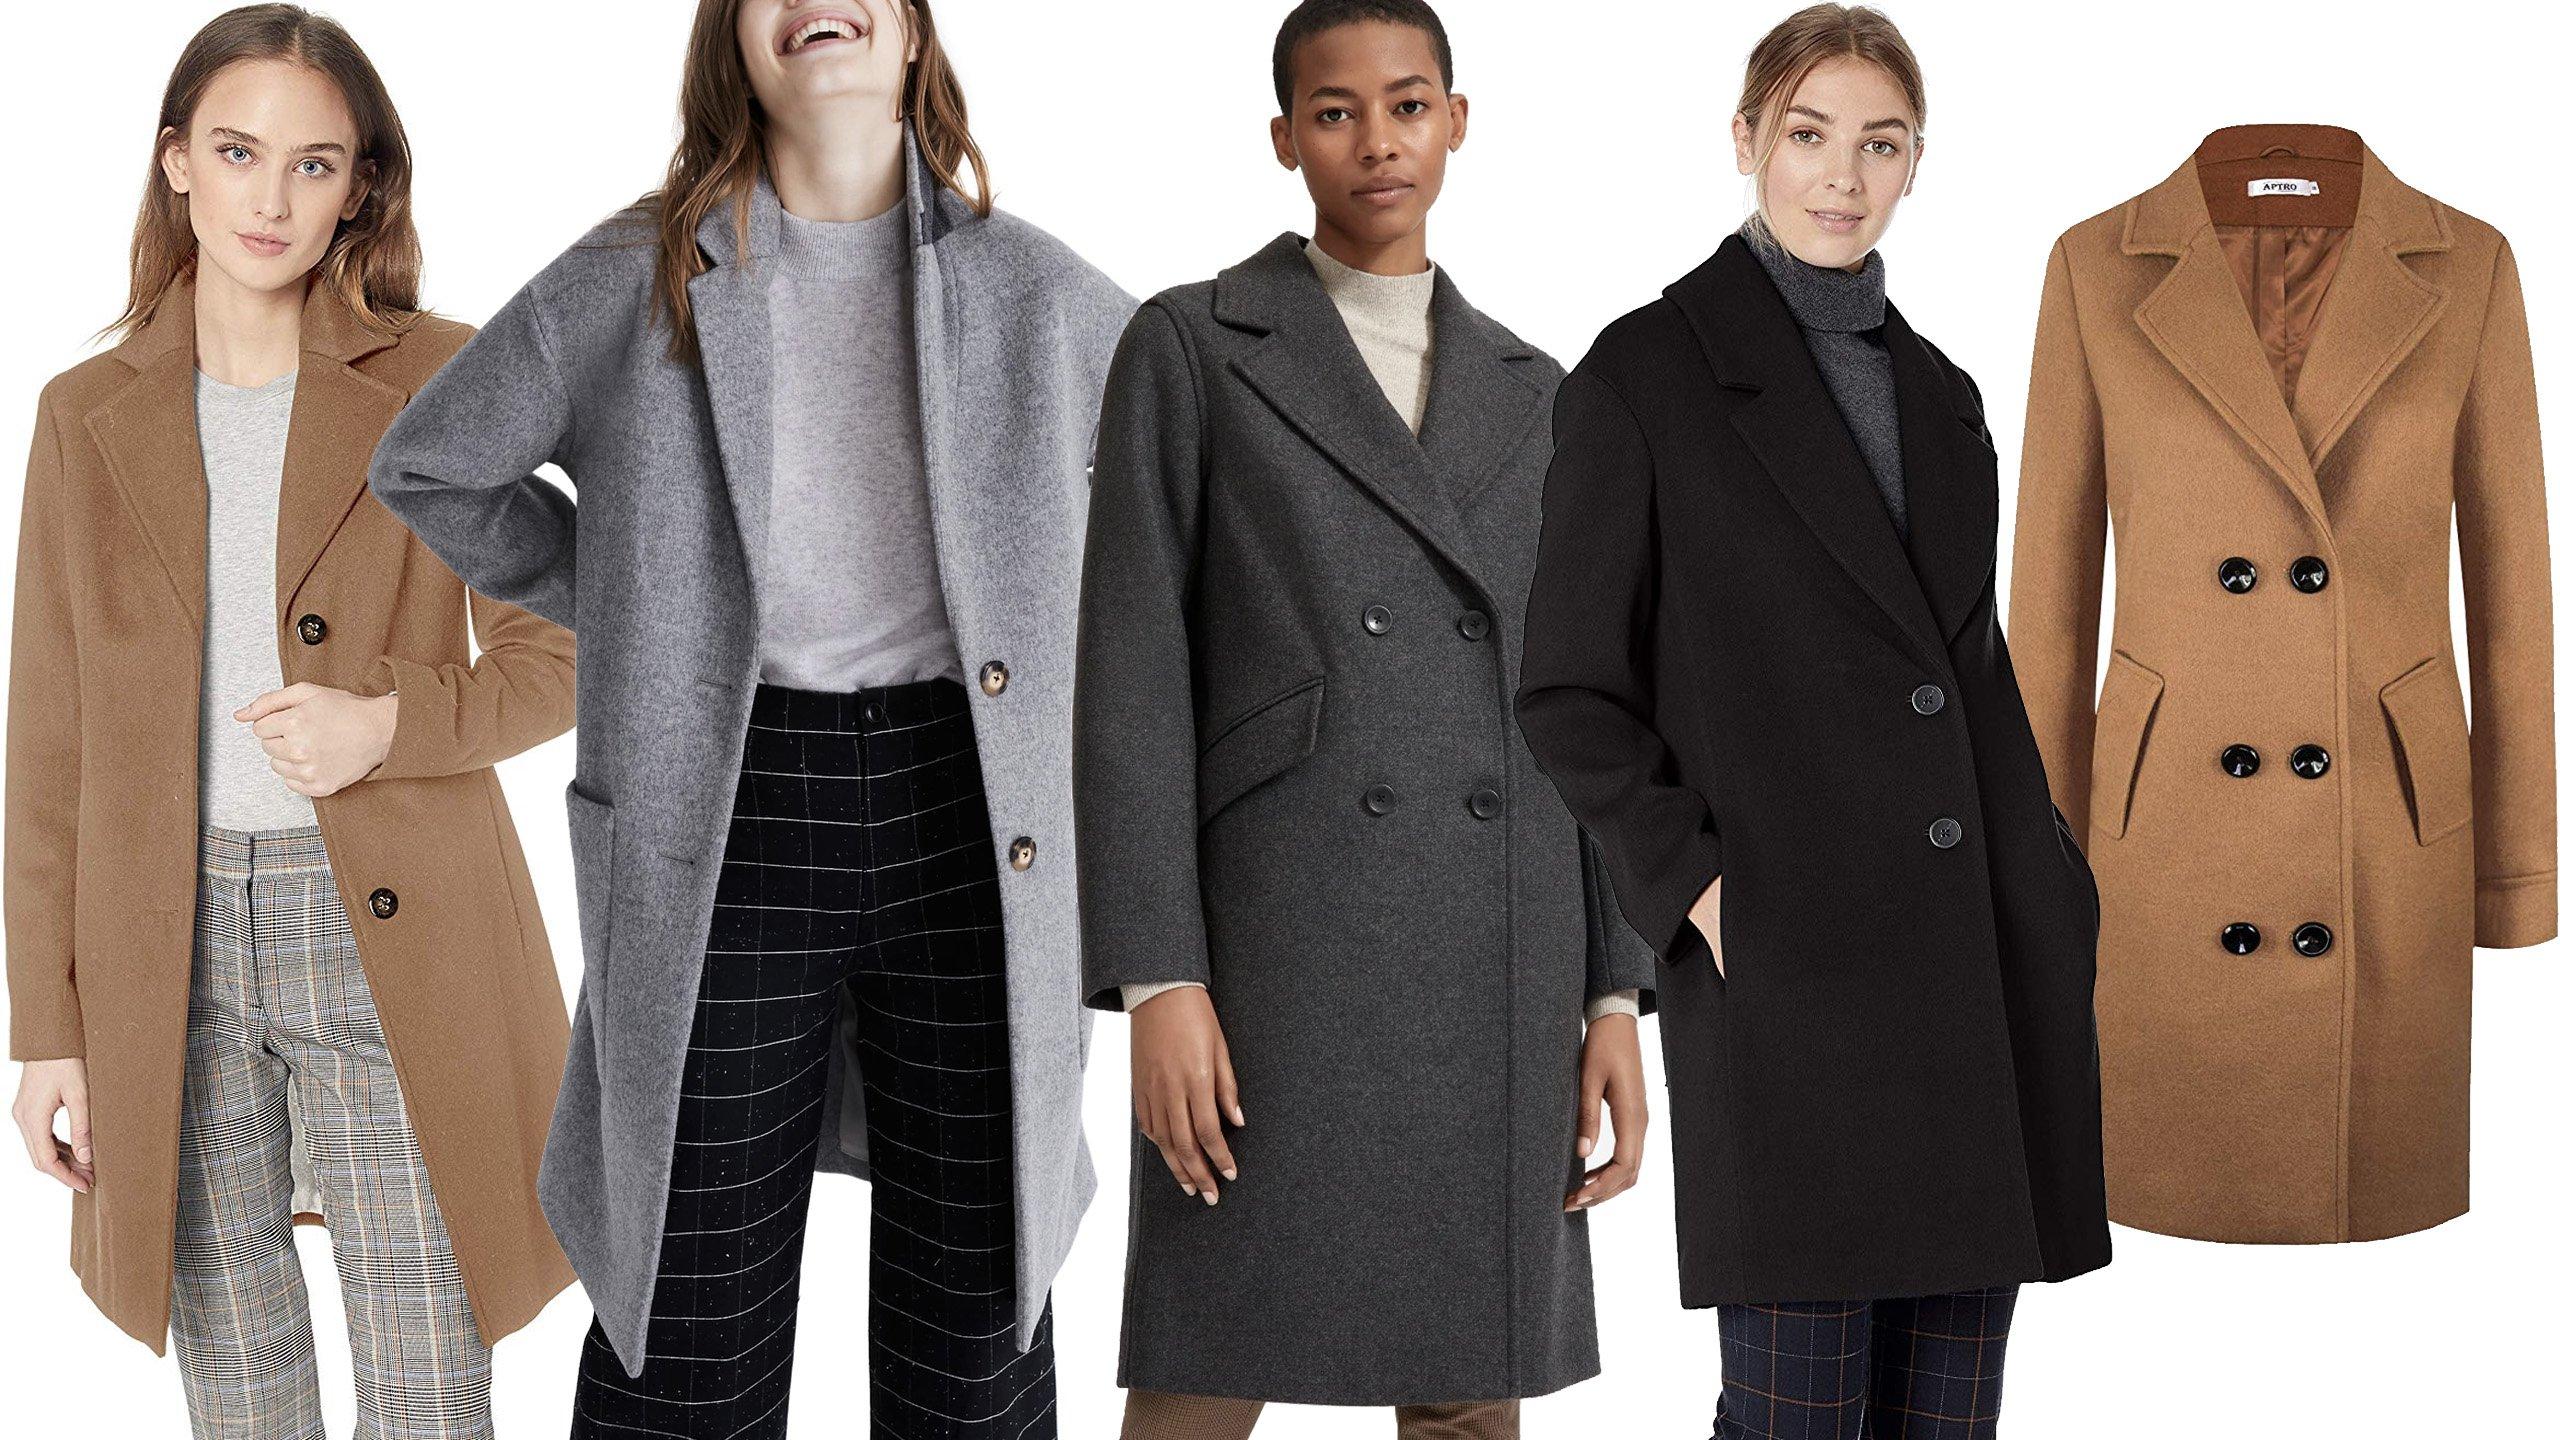 Auswahl an Damen Mantel - Wollmantel